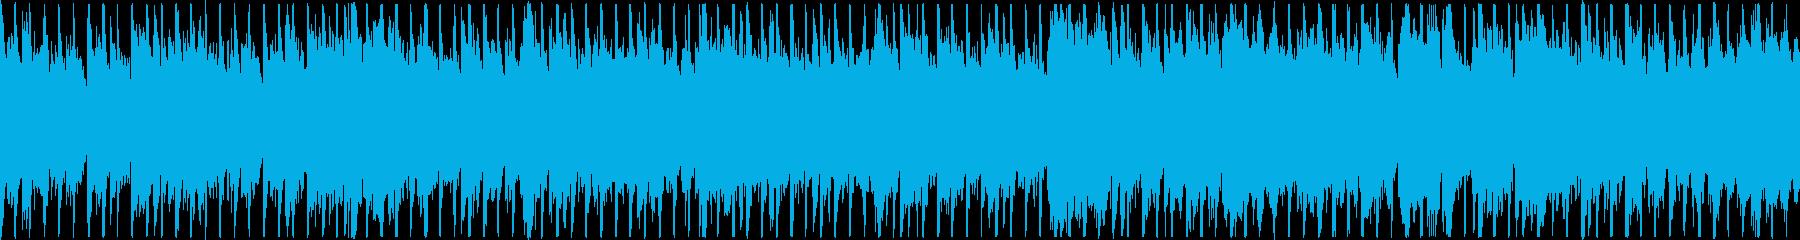 ピアノの旋律が印象的なオーケストラベースの再生済みの波形